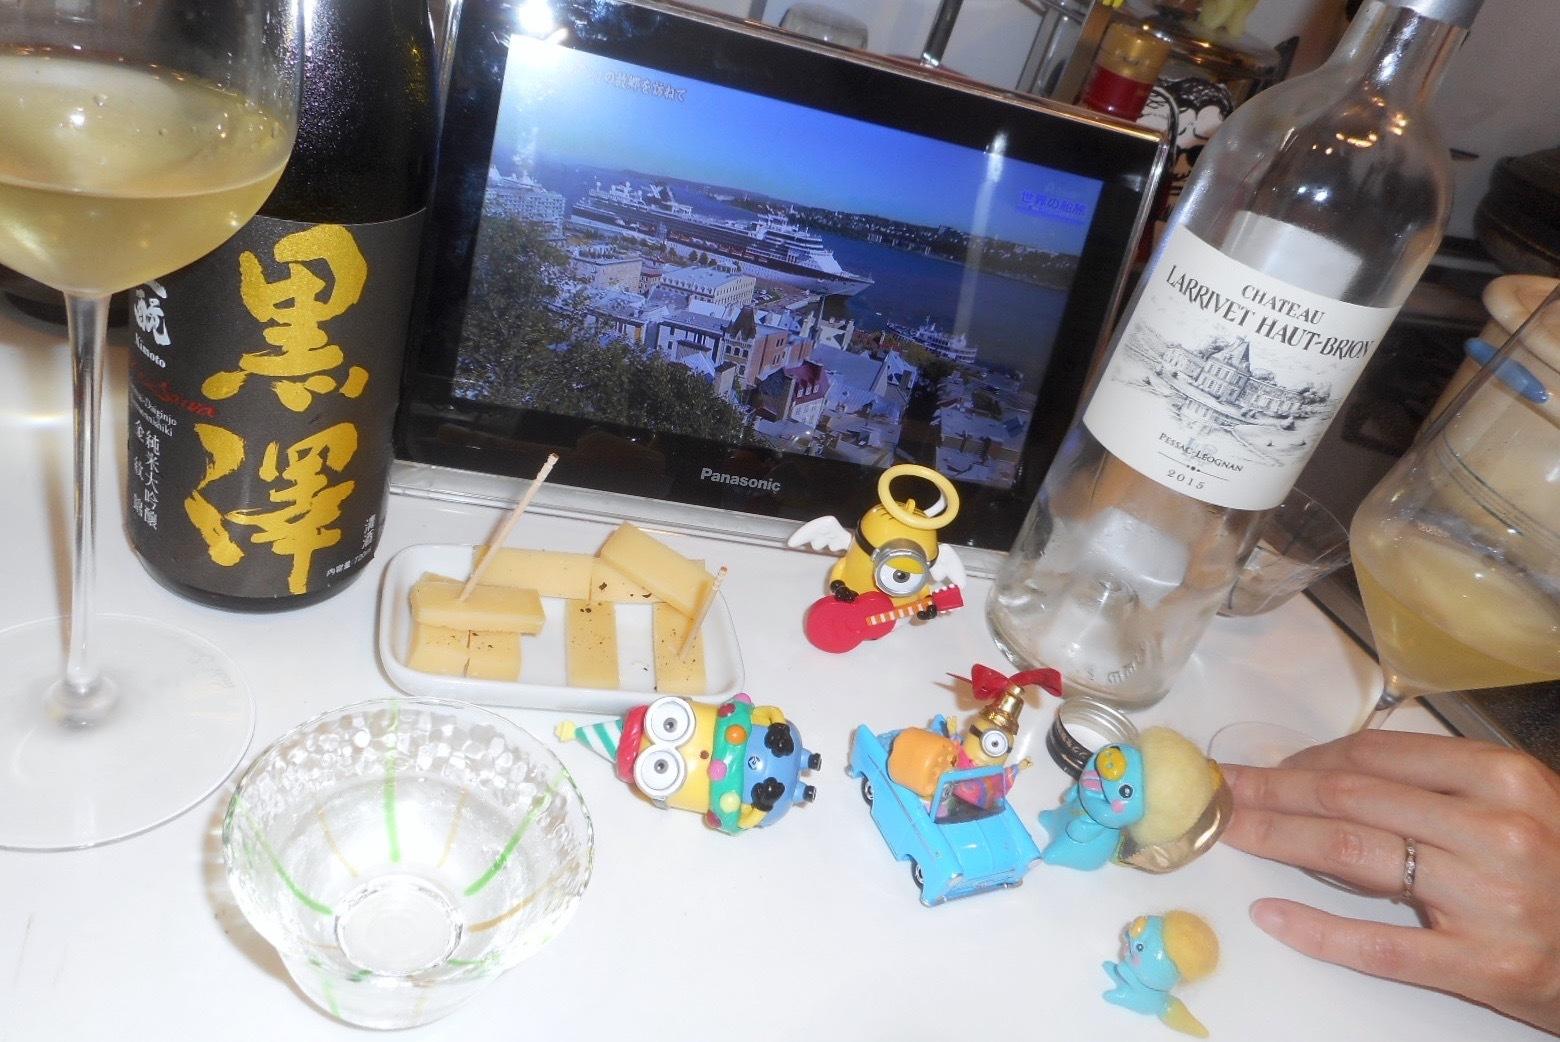 kurosawa_kinmon29by4.jpg